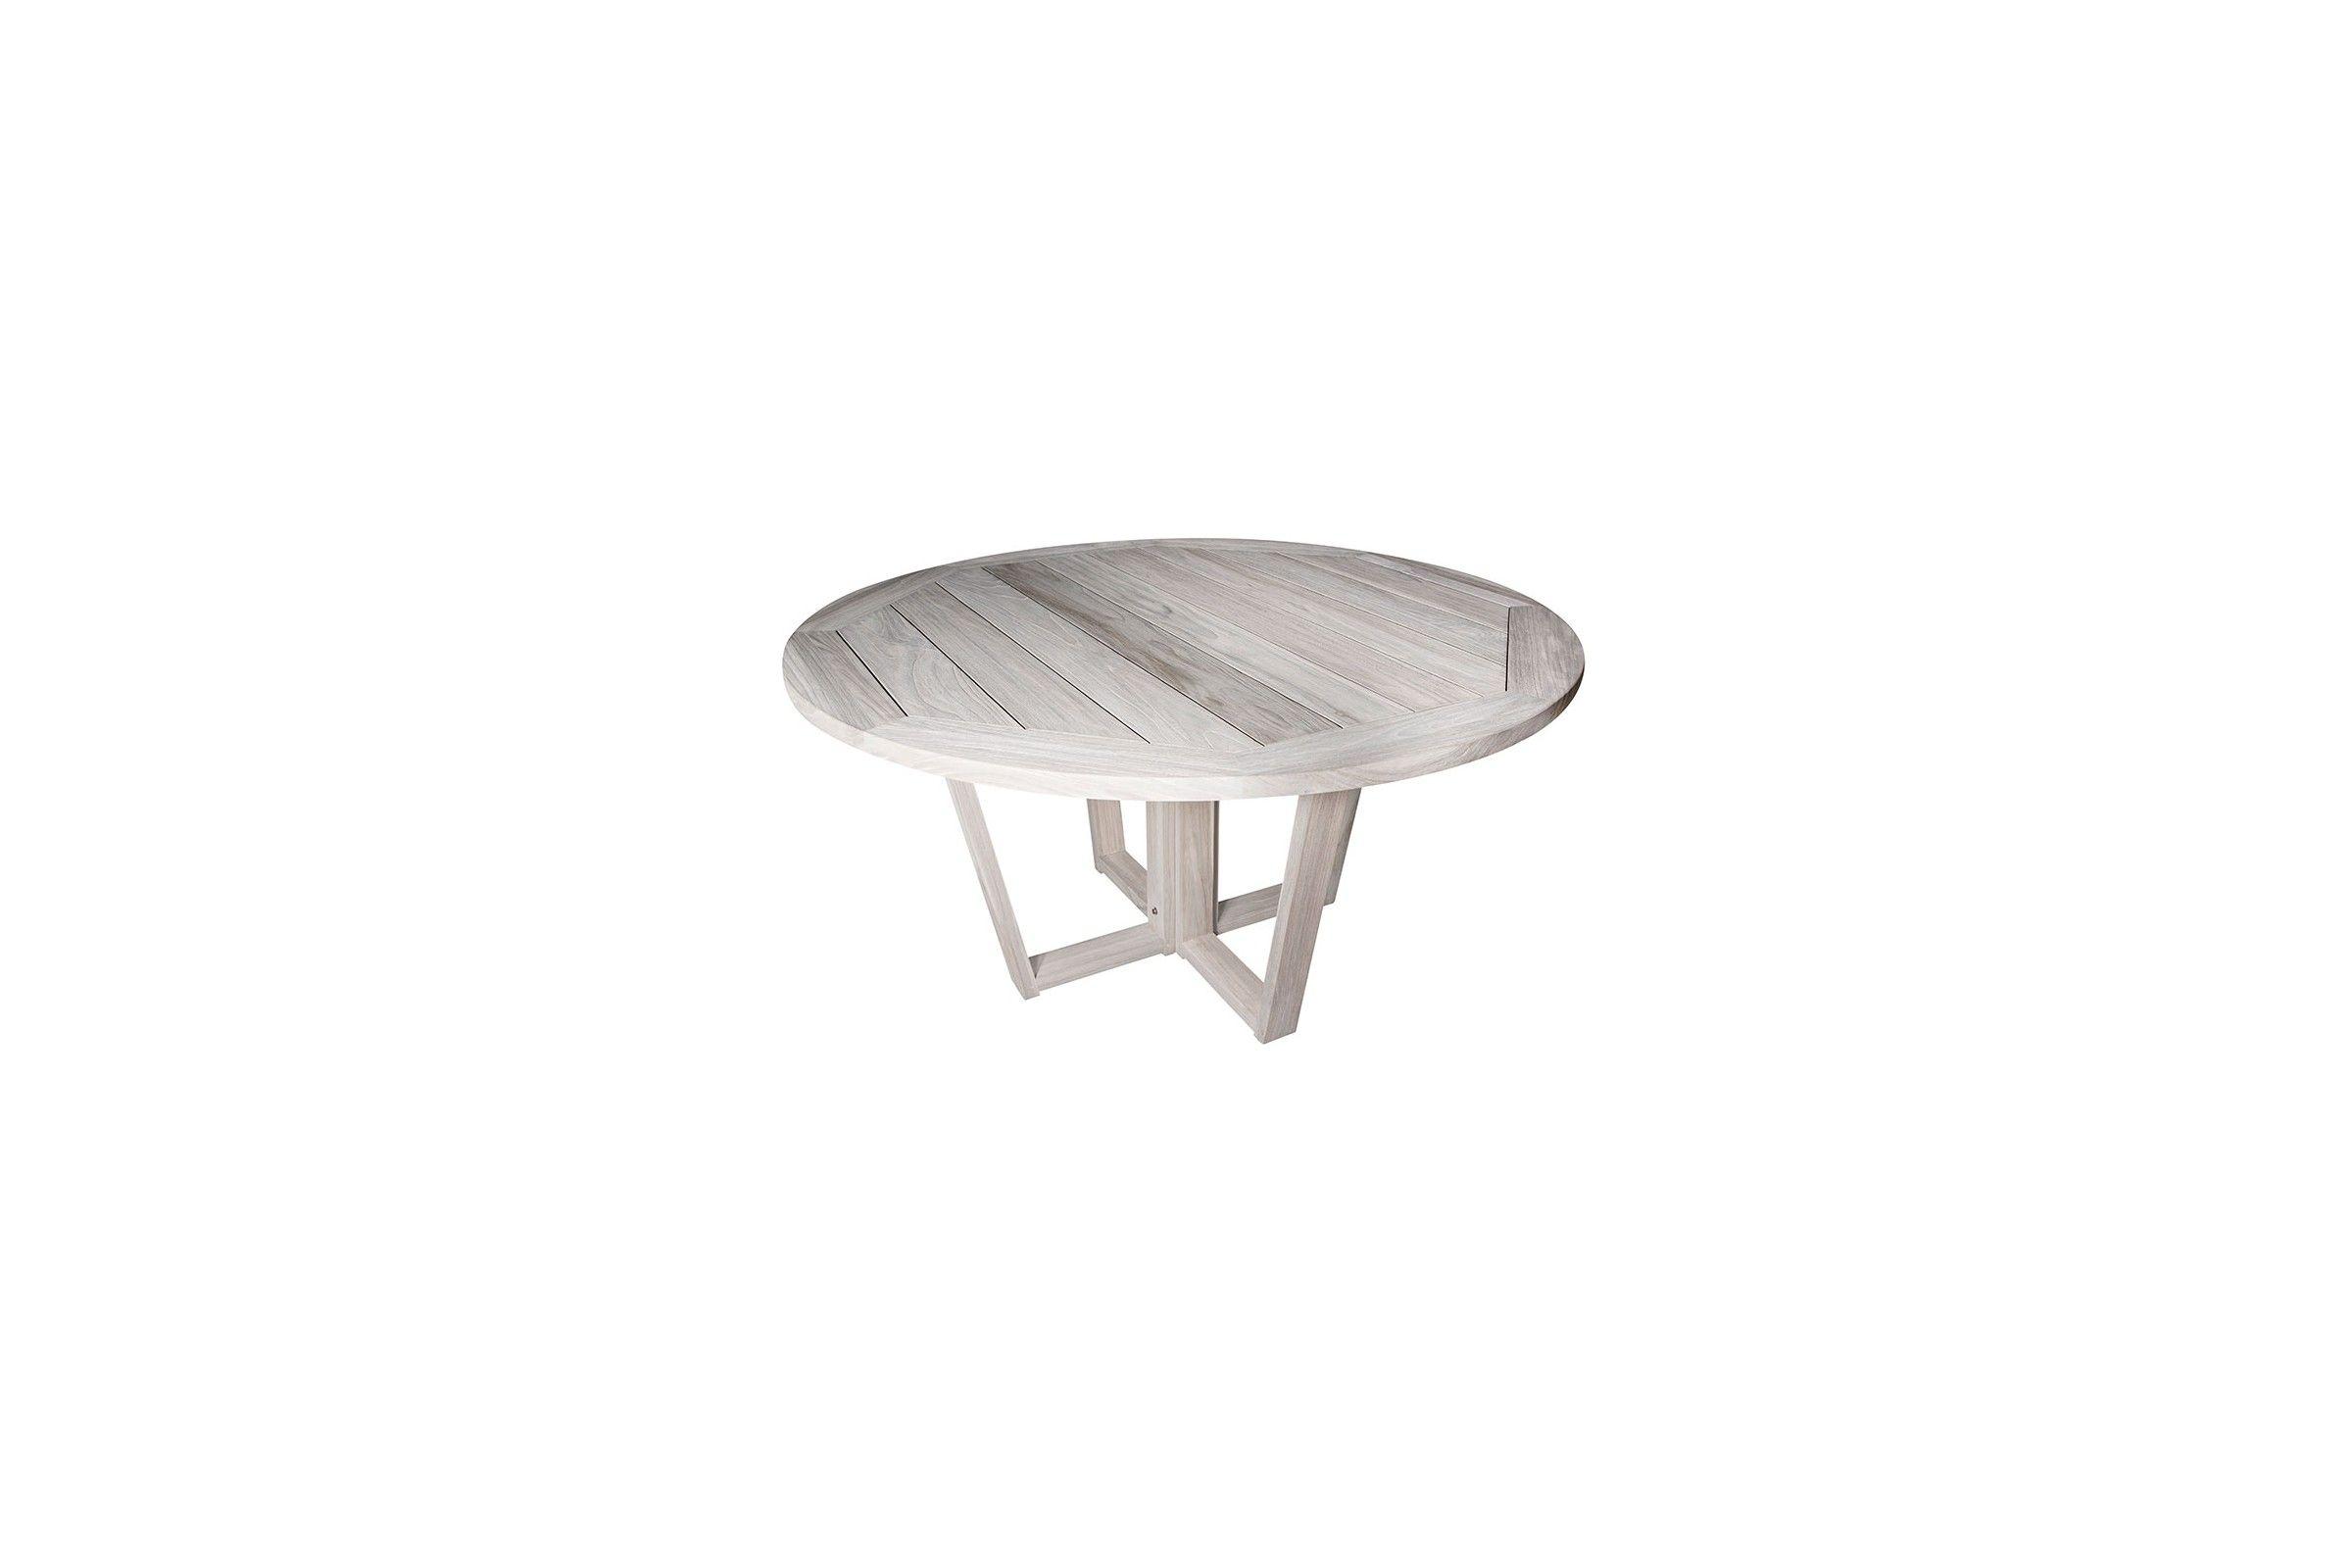 Table Ronde En Vieux Teck Massif Gris D Lav D 150 Cm 8 10 Couverts La Galerie Du Teck